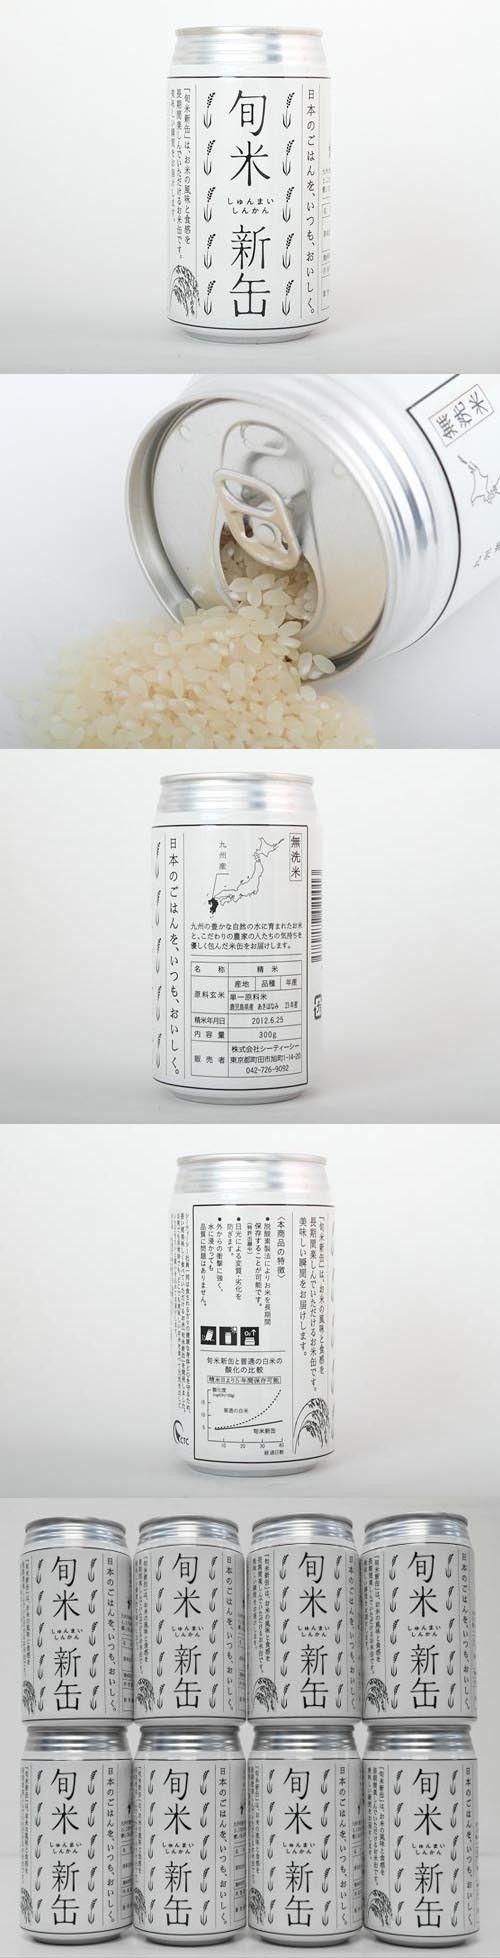 旬米新缶:用易拉罐封装的大米@Ericsson采集到包装(261图)_花瓣平面设计